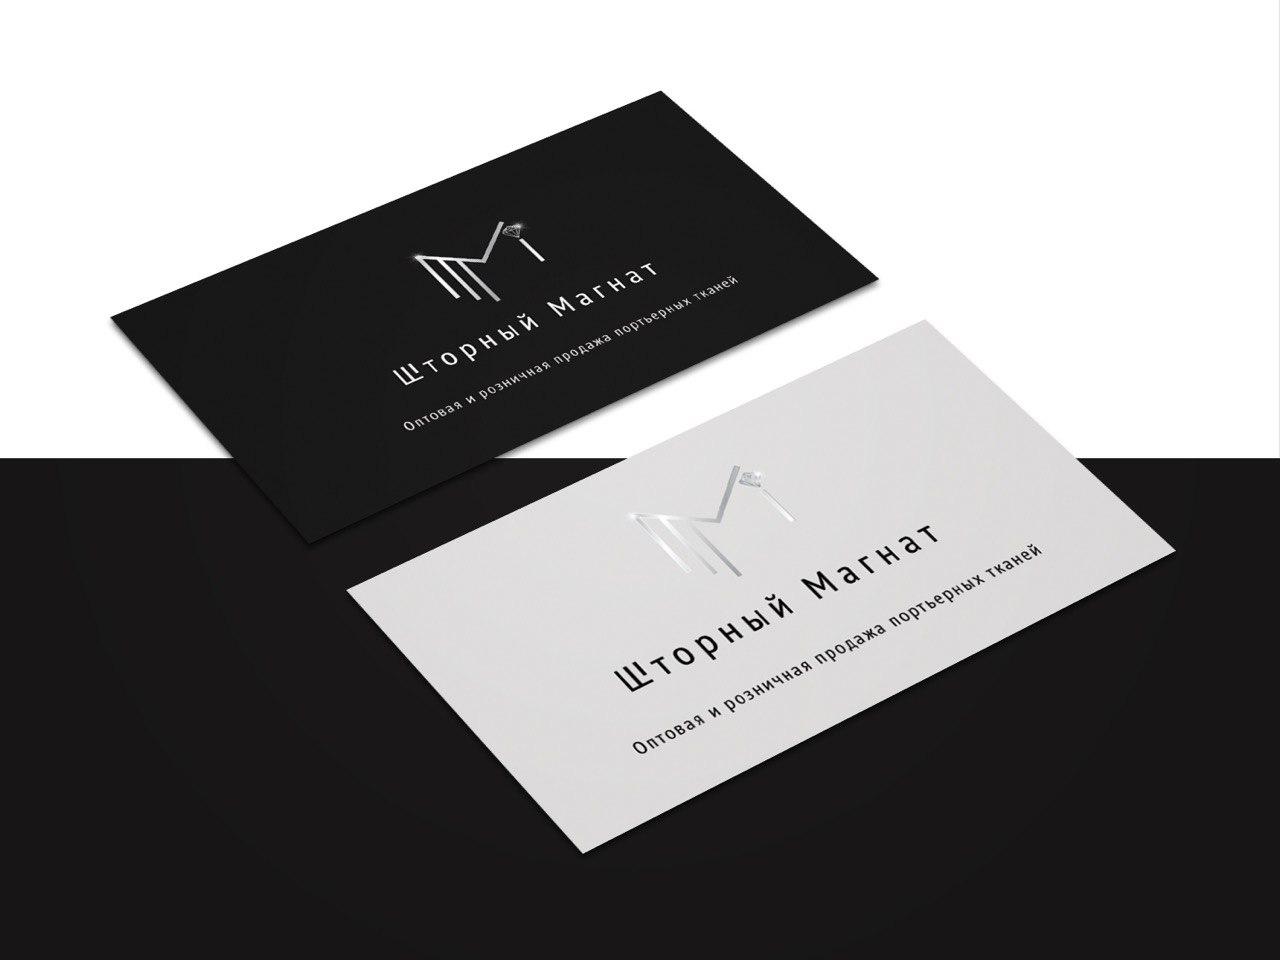 Логотип и фирменный стиль для магазина тканей. фото f_3555cd6f3725c111.jpg